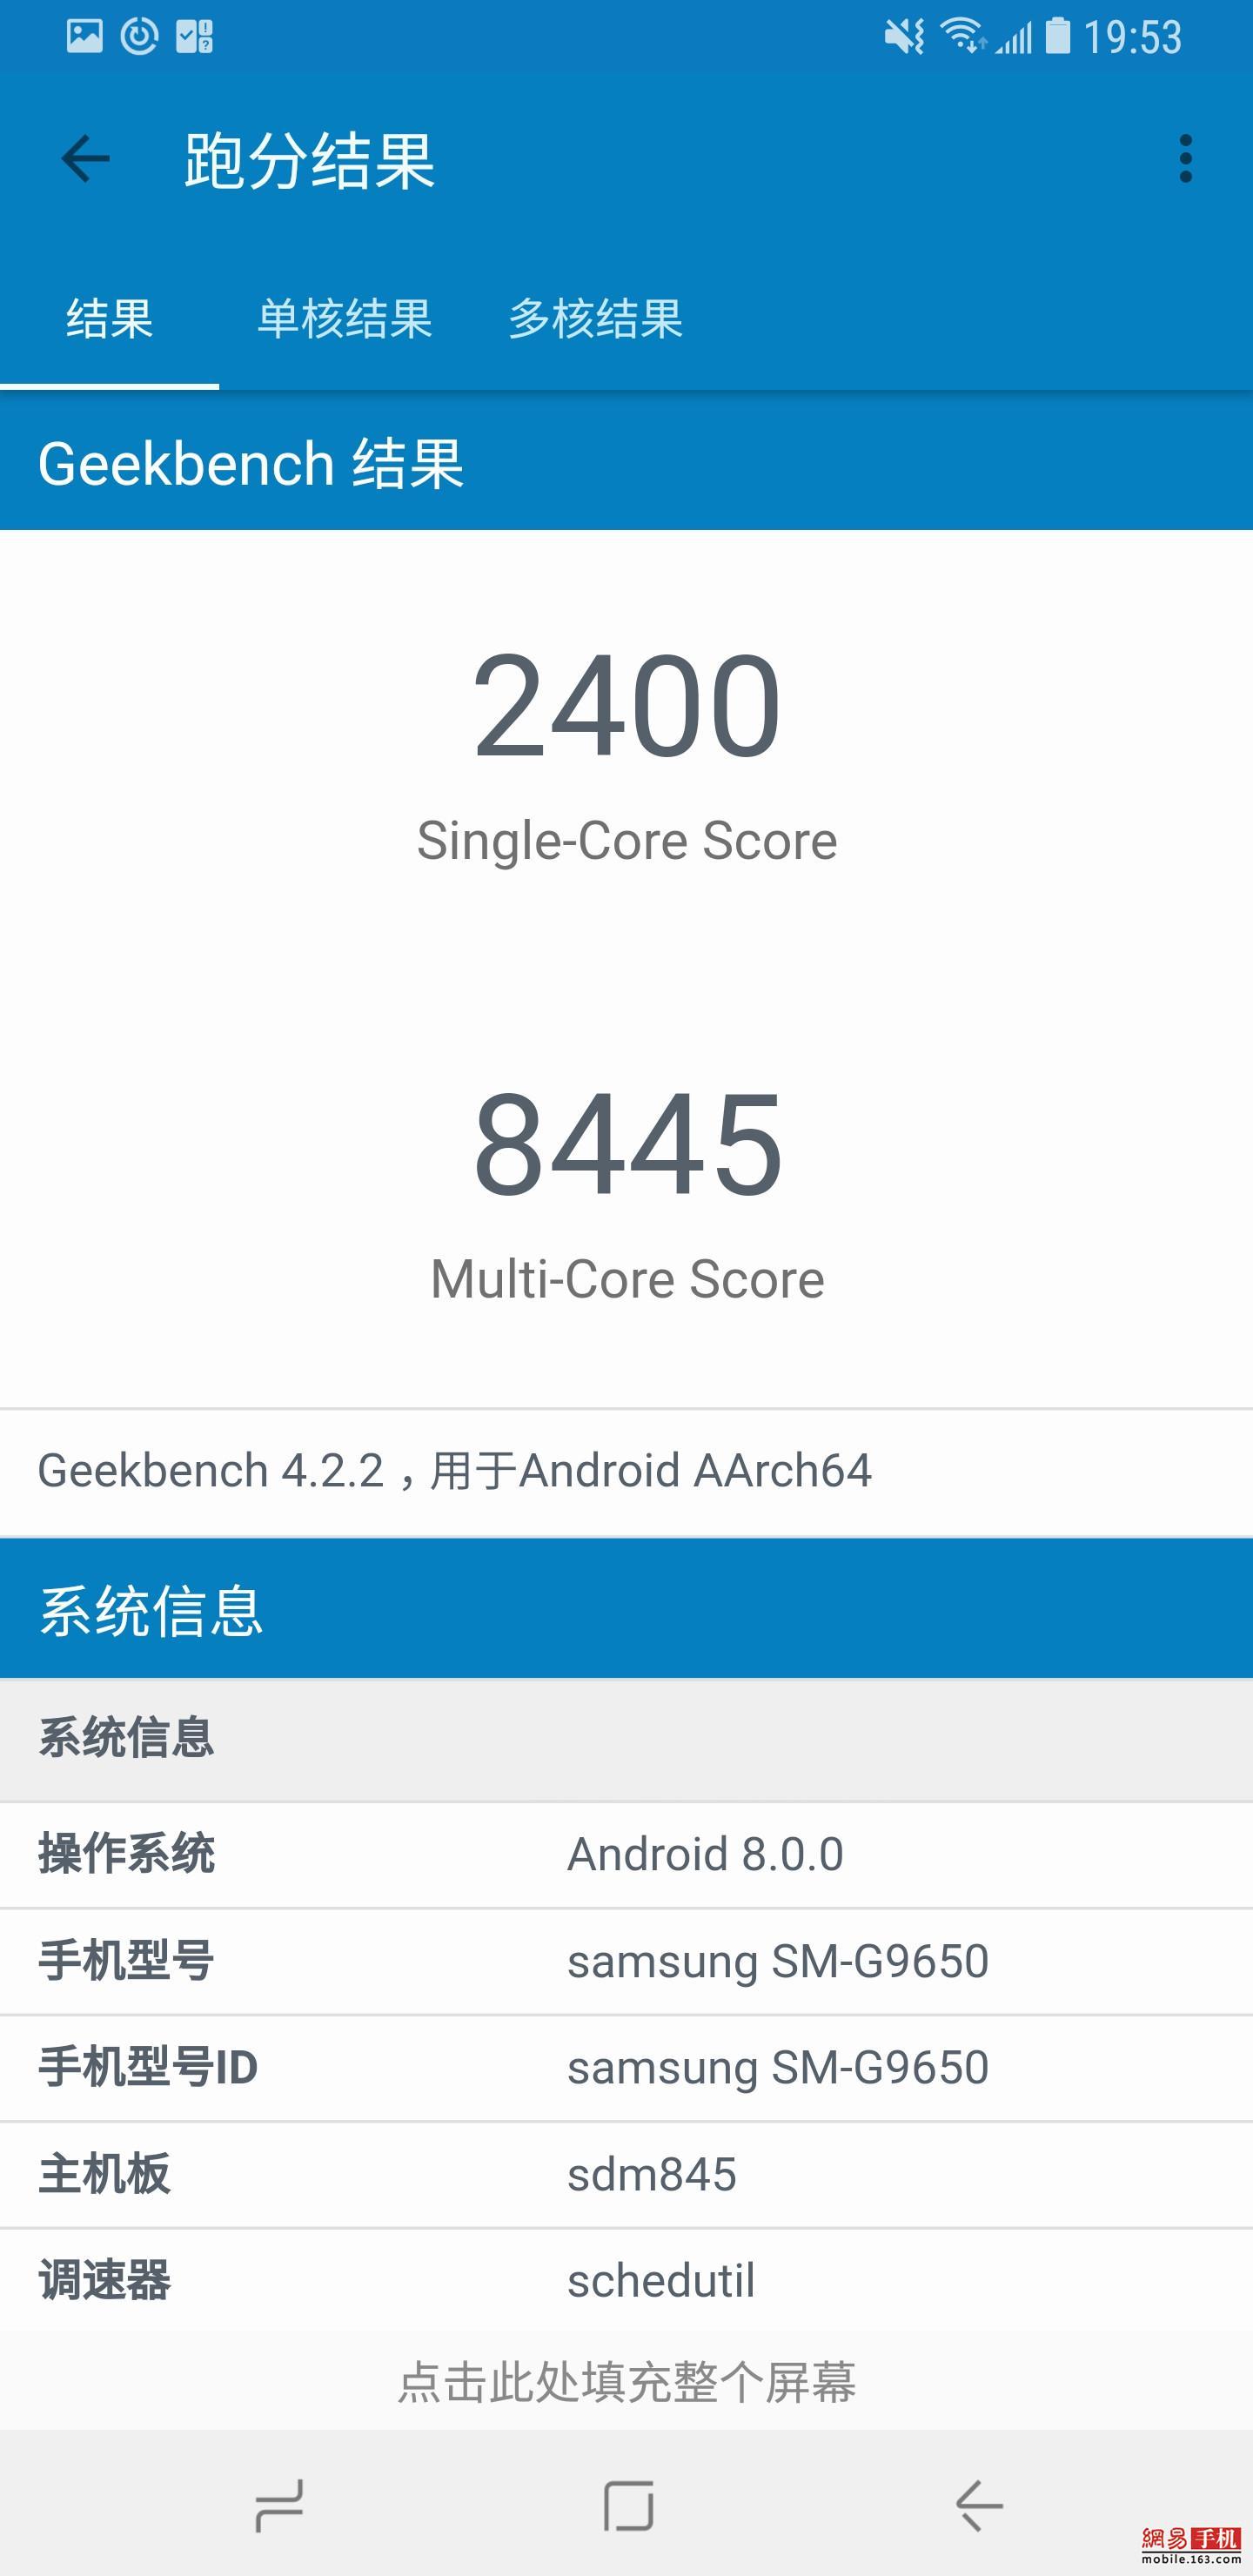 三星Galaxy S9+评测